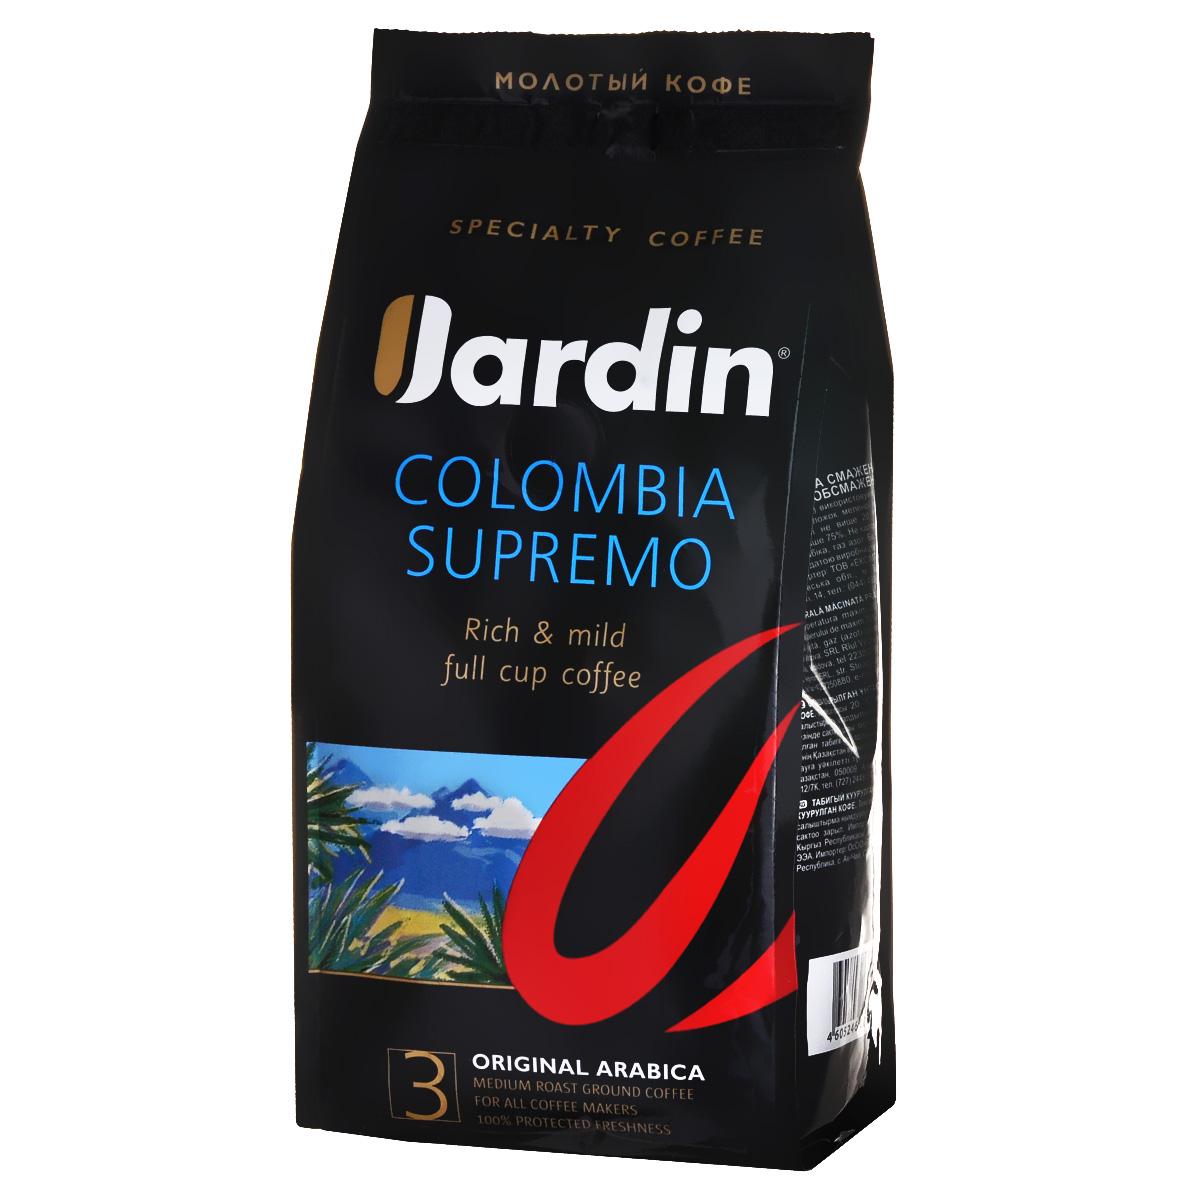 Jardin Colombia Supremo кофе молотый, 250 г0580-15Молотый кофе Jardin Colombia Supremo отличается мягким шелковистым вкусом и послевкусием с нотами мускатного ореха. Кофе выращен на высокогорных плато Колумбии, открытых для солнца, но защищенных от сильных ветров.